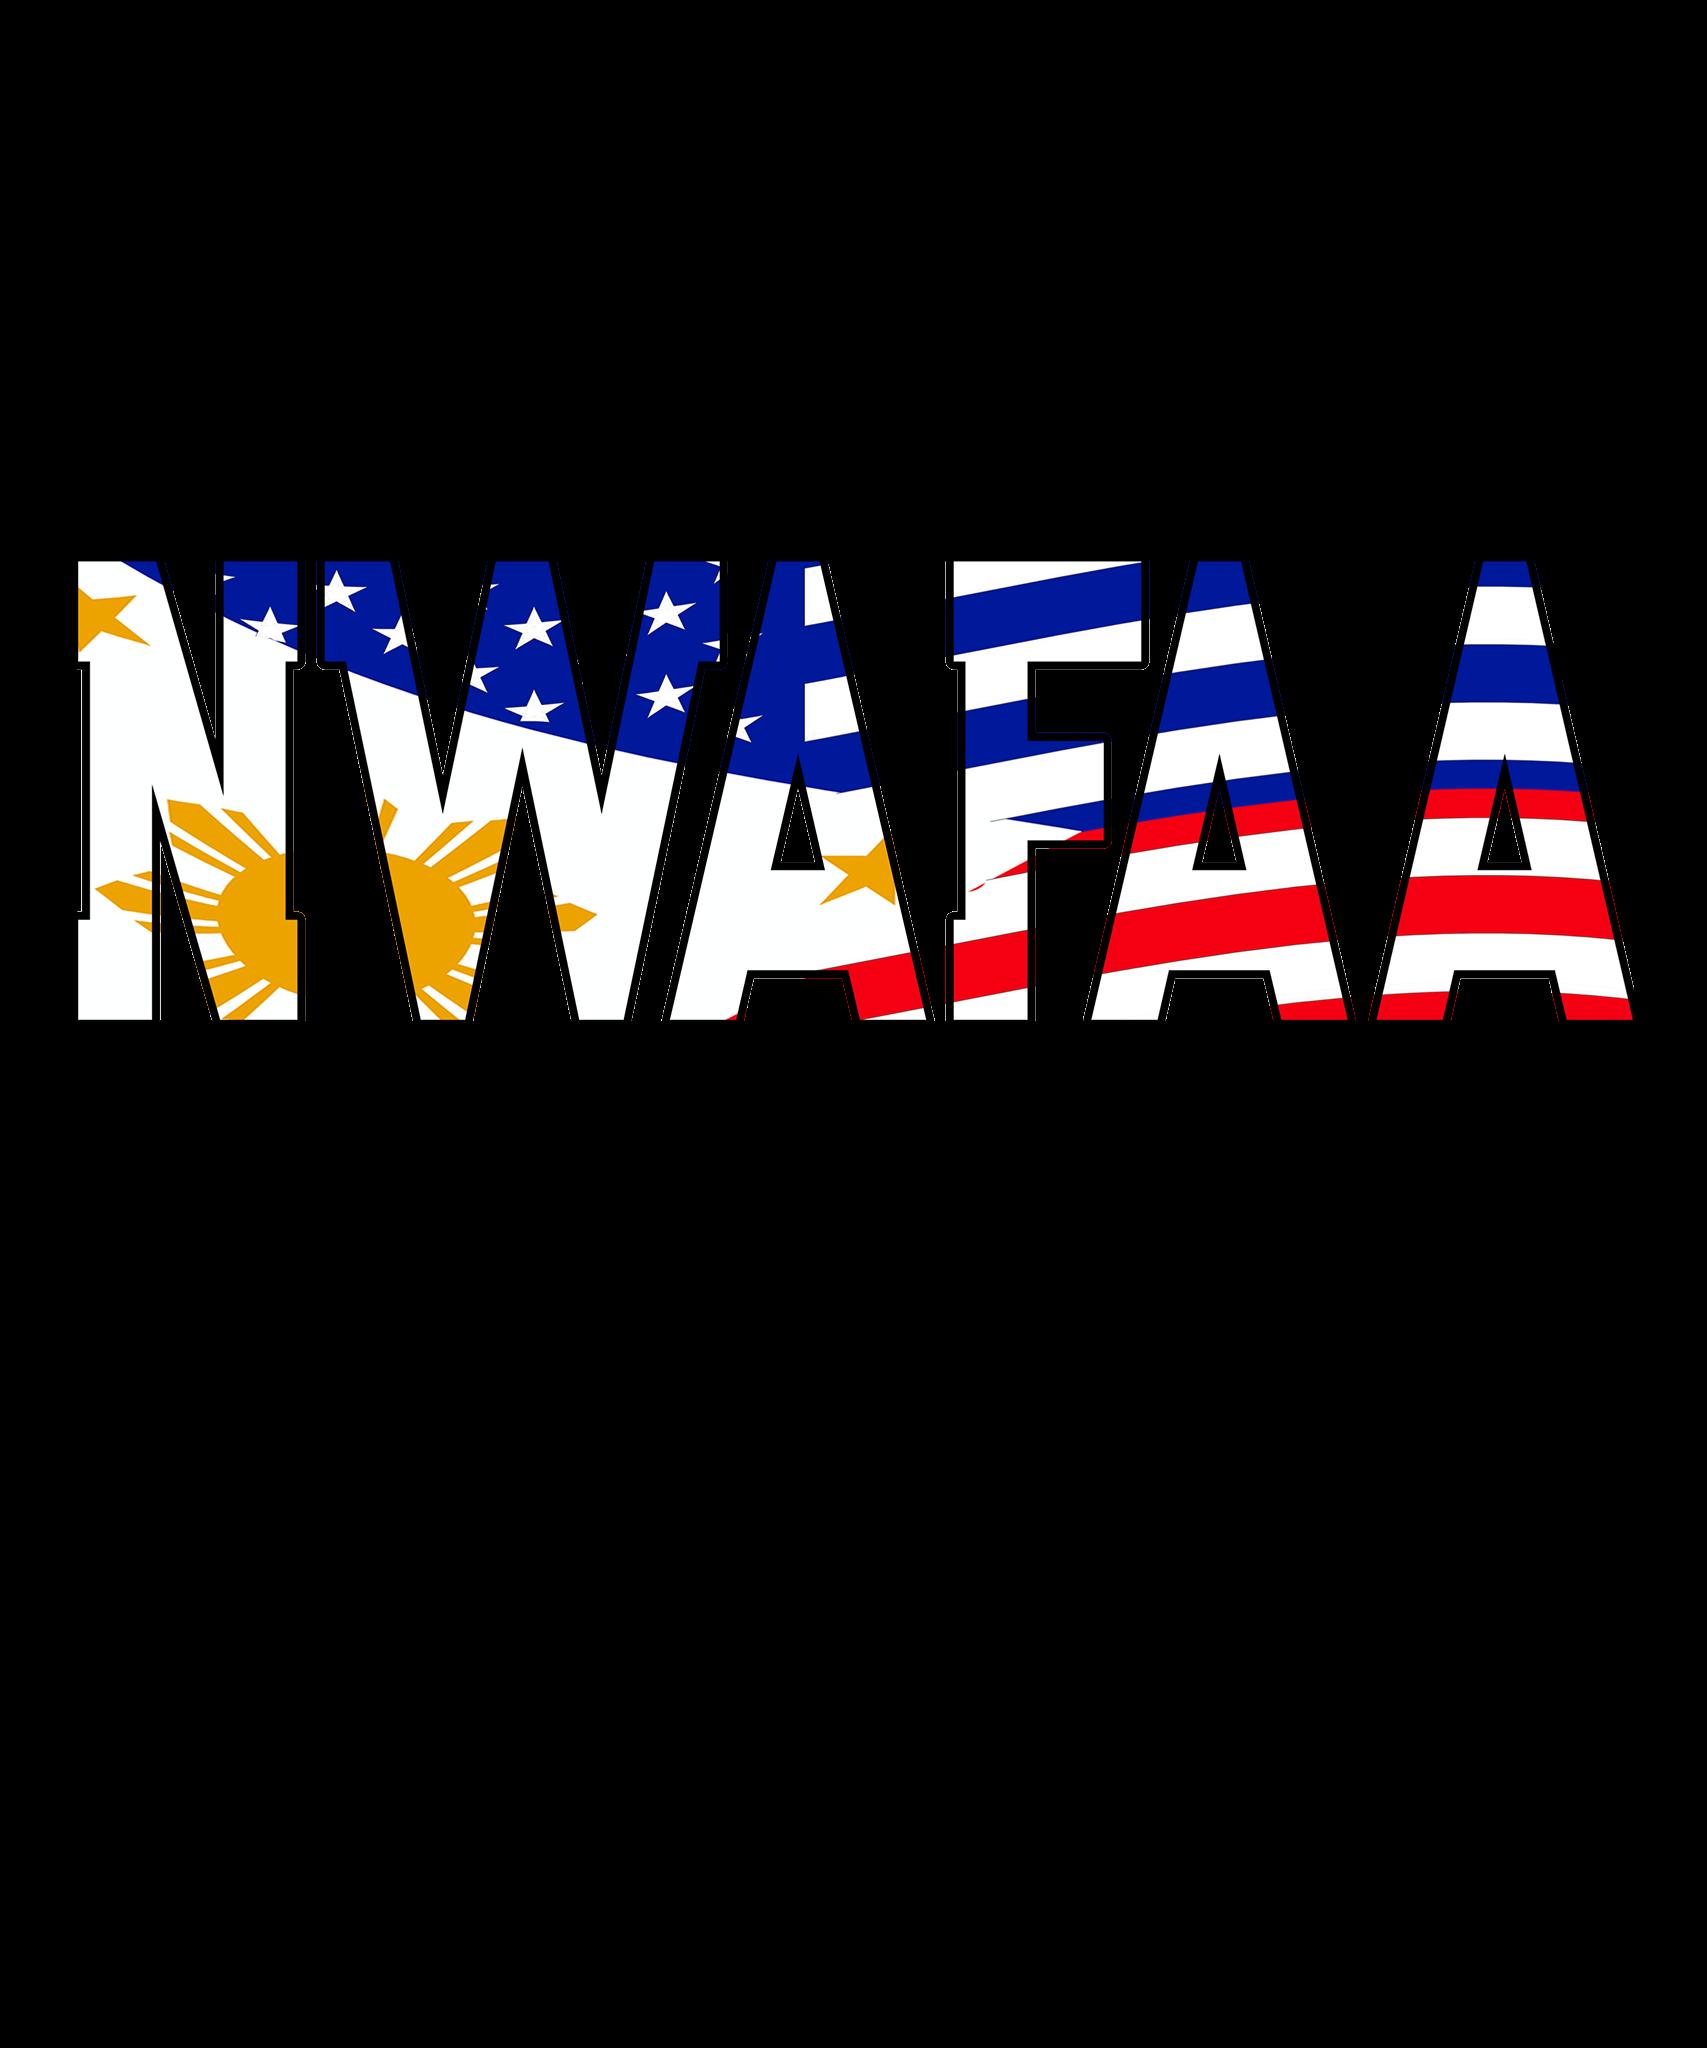 NWAFAA